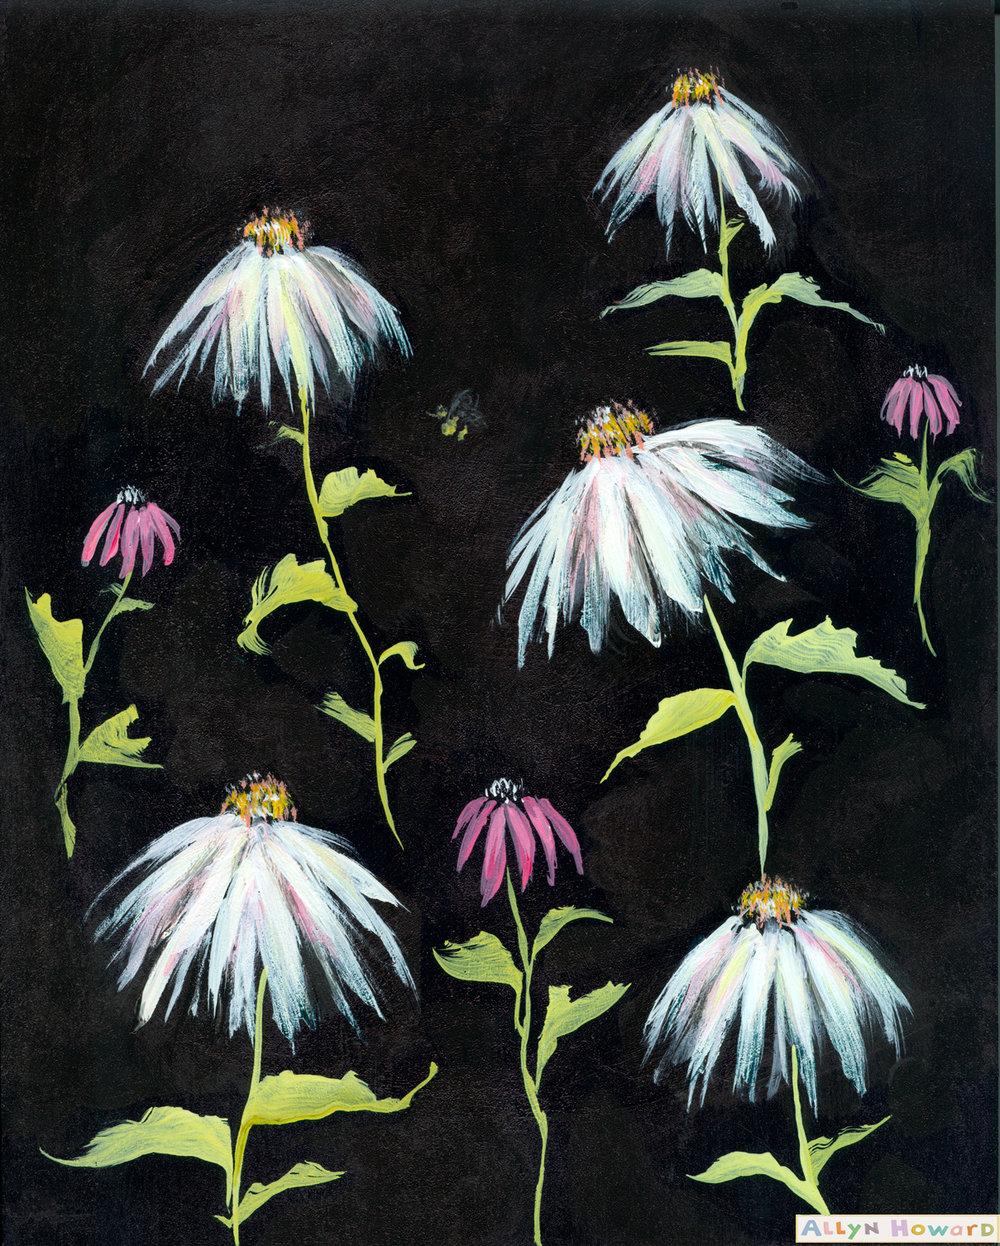 Allyn_Howard_white-wildflowers_daisies.jpg